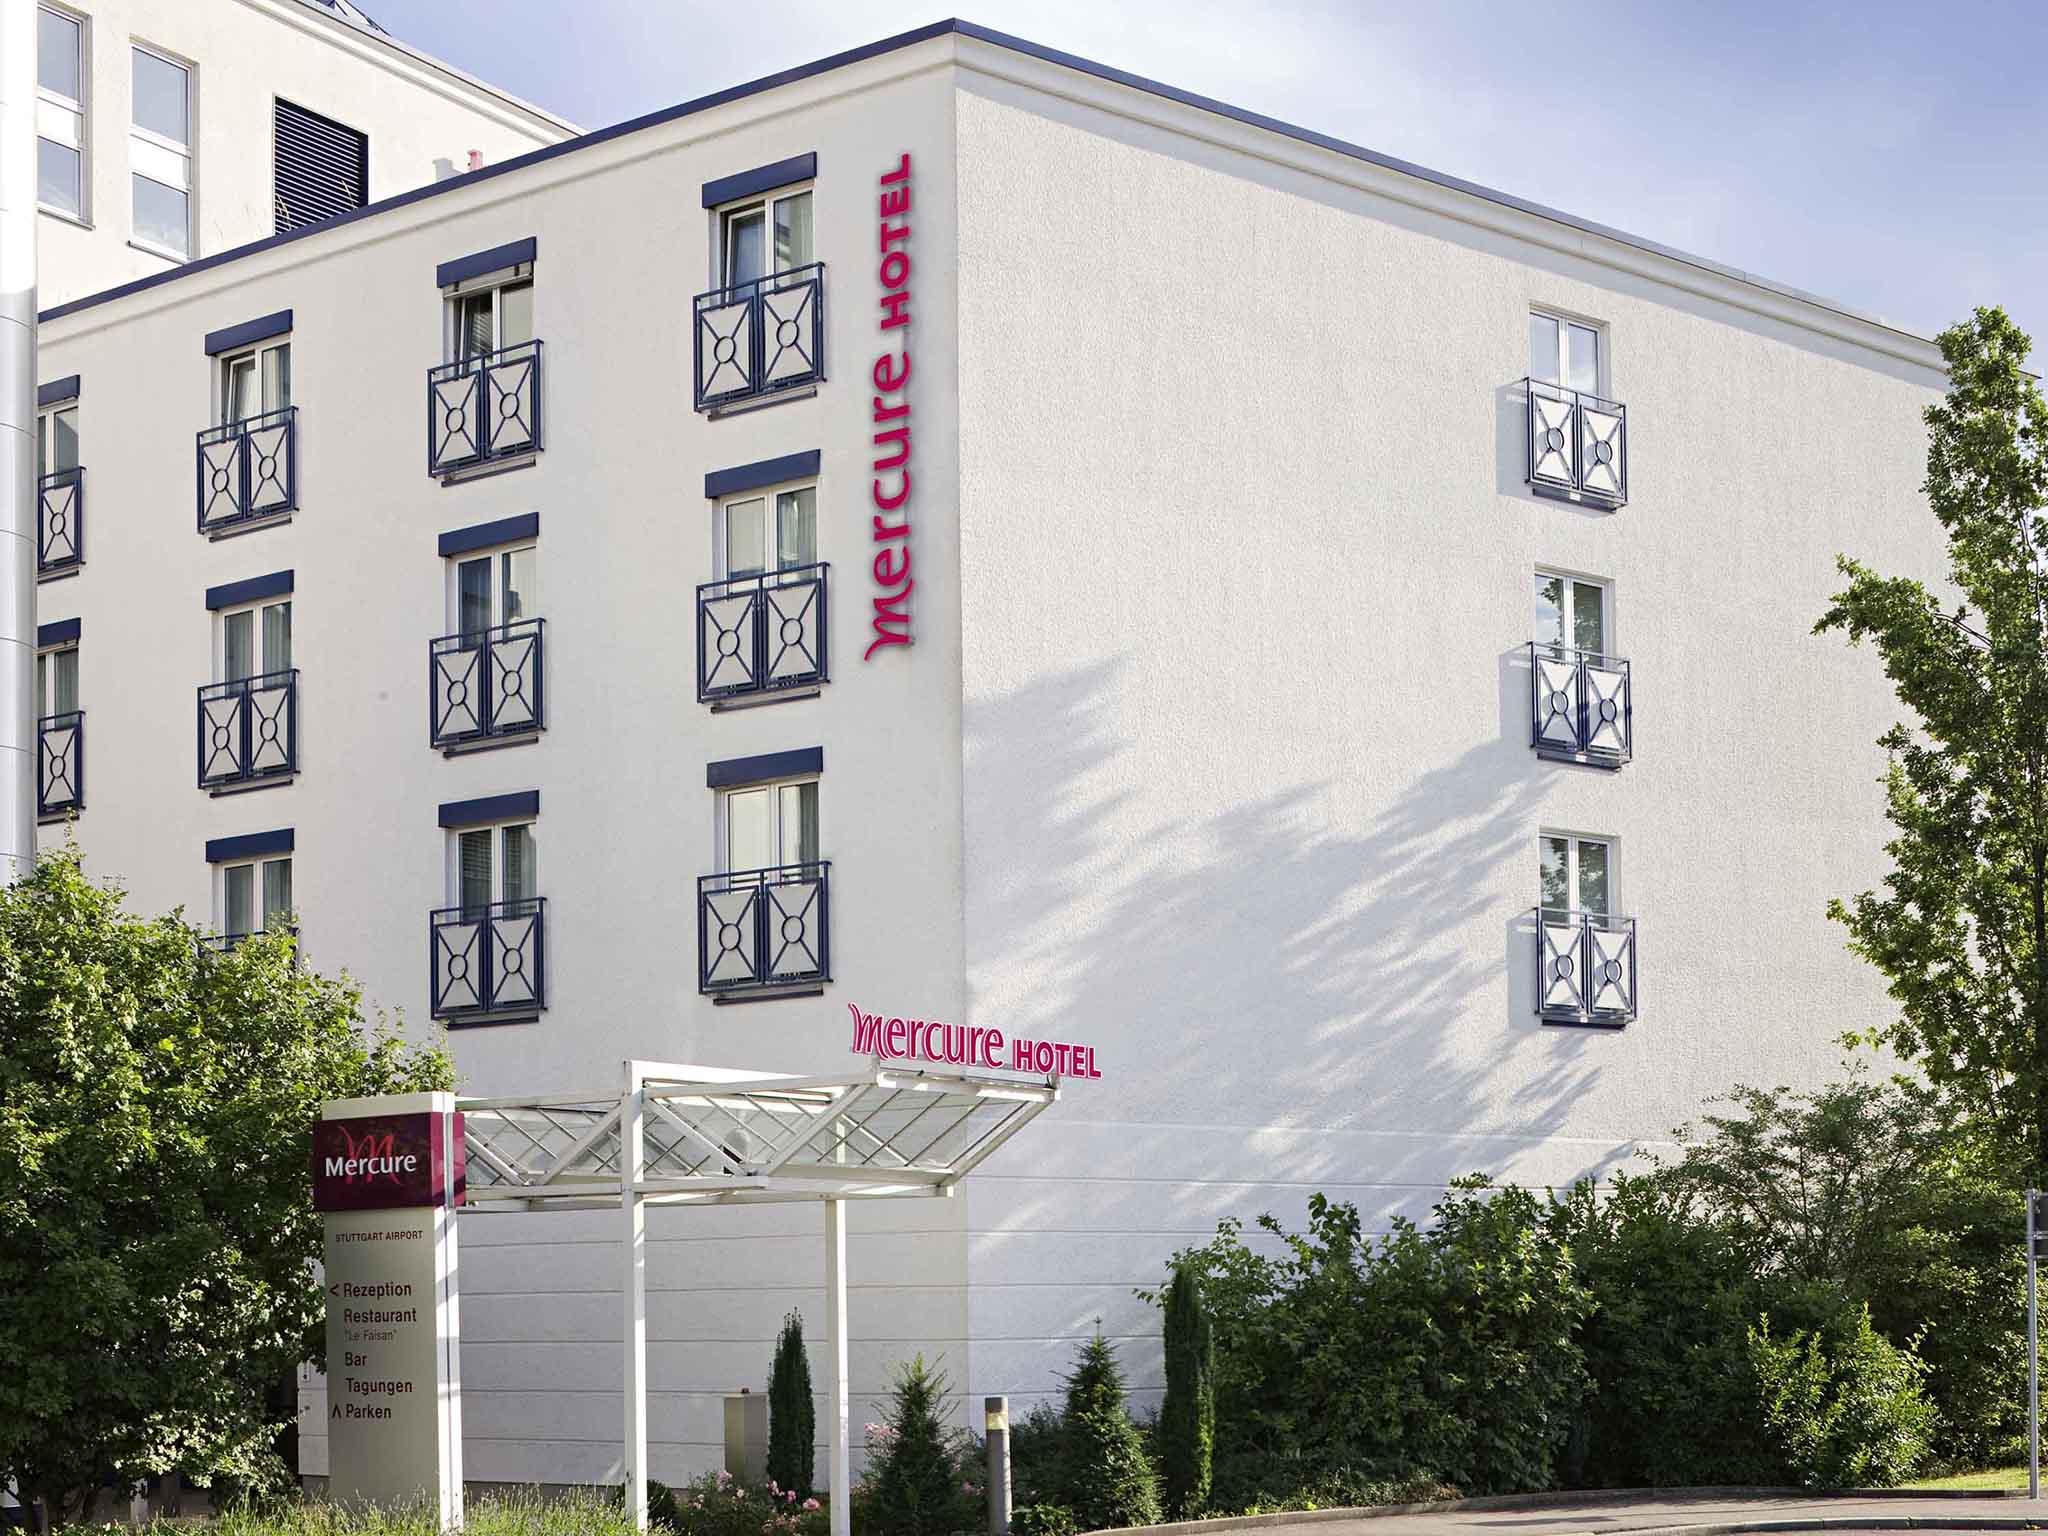 Mercure Hotel Messe